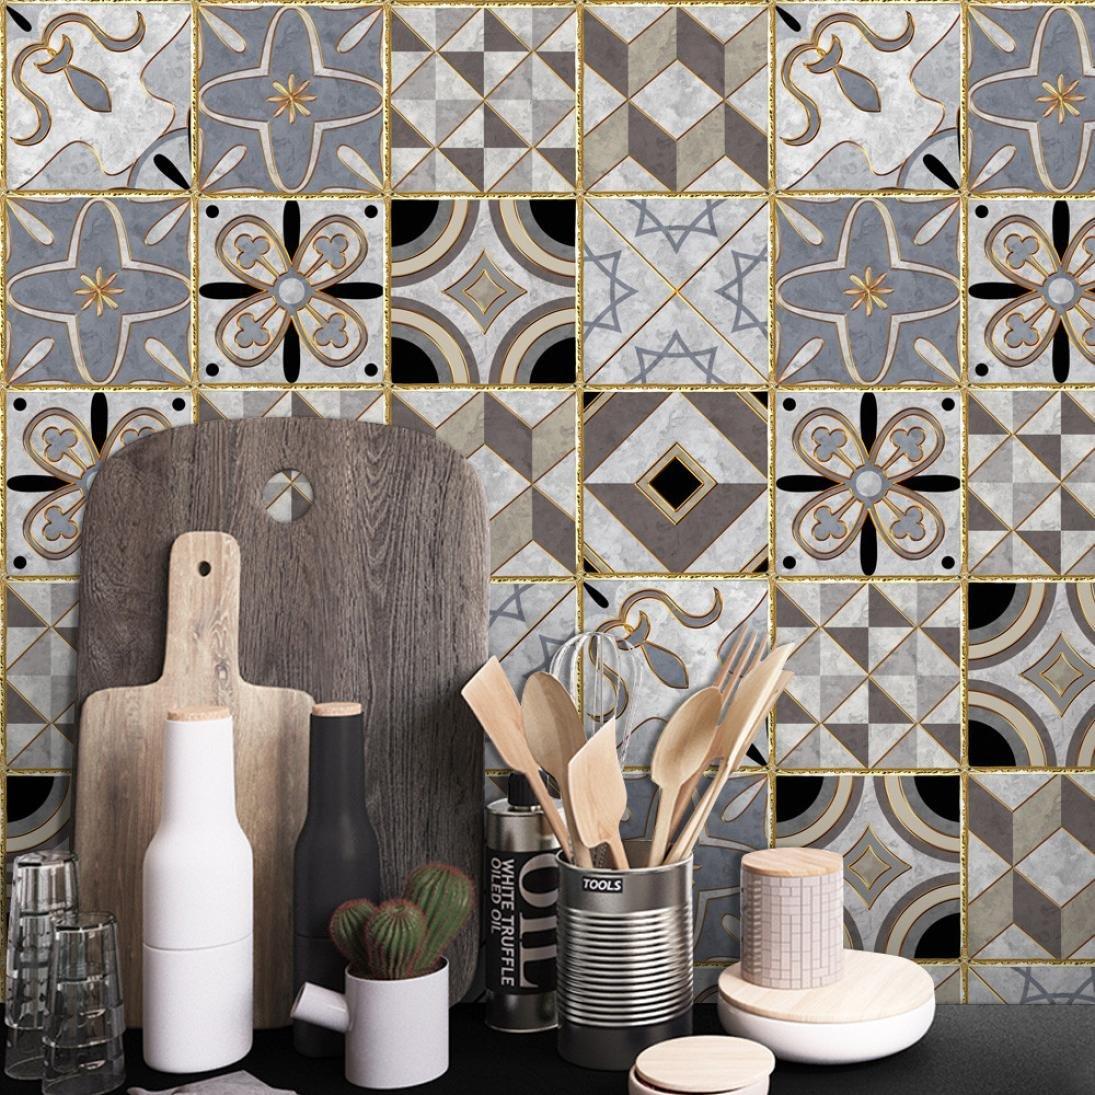 STRIR Adhesivo para azulejos 500cm x 20 cm - Adhesivo decorativo para azulejos para bañ o y cocina - Stickers azulejos - Collage de azulejos - Estilo europeo tradicional (R)